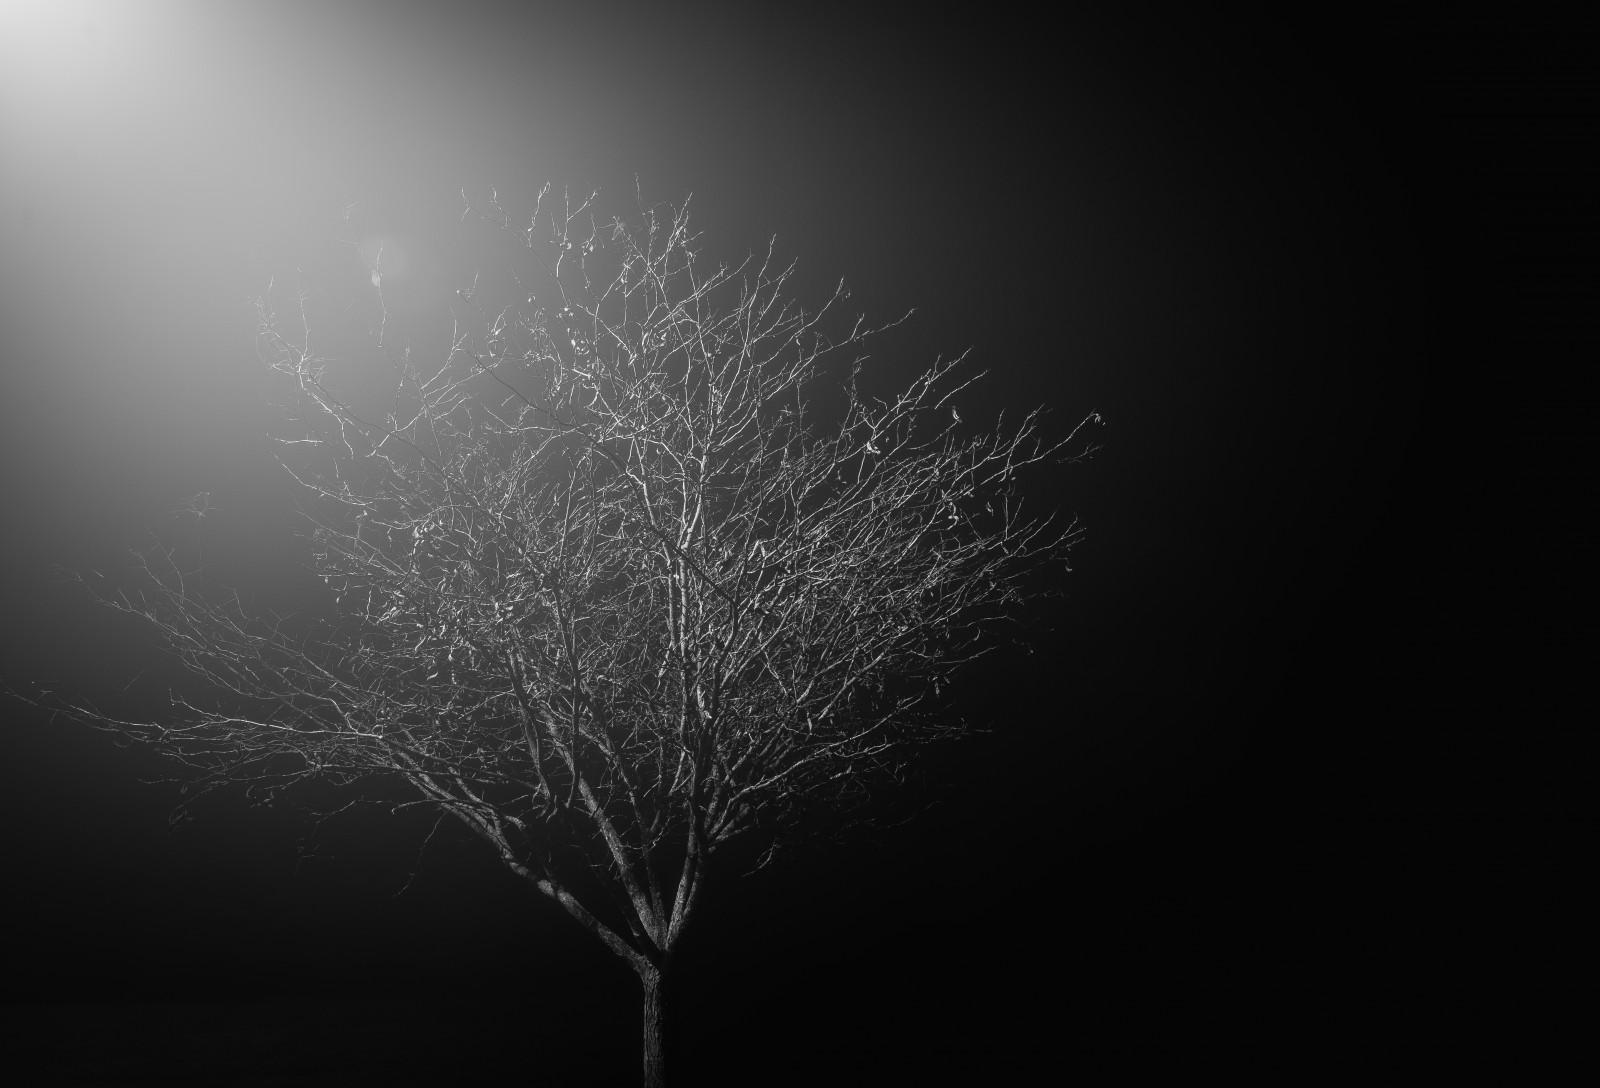 デスクトップ壁紙 日光 コントラスト ダーク 夜 シャイニング 黒と白 木 孤独な 葉 ライン 闇 コンピュータの壁紙 モノクロ写真 マクロ撮影 5442x3703 デスクトップ壁紙 Wallhere